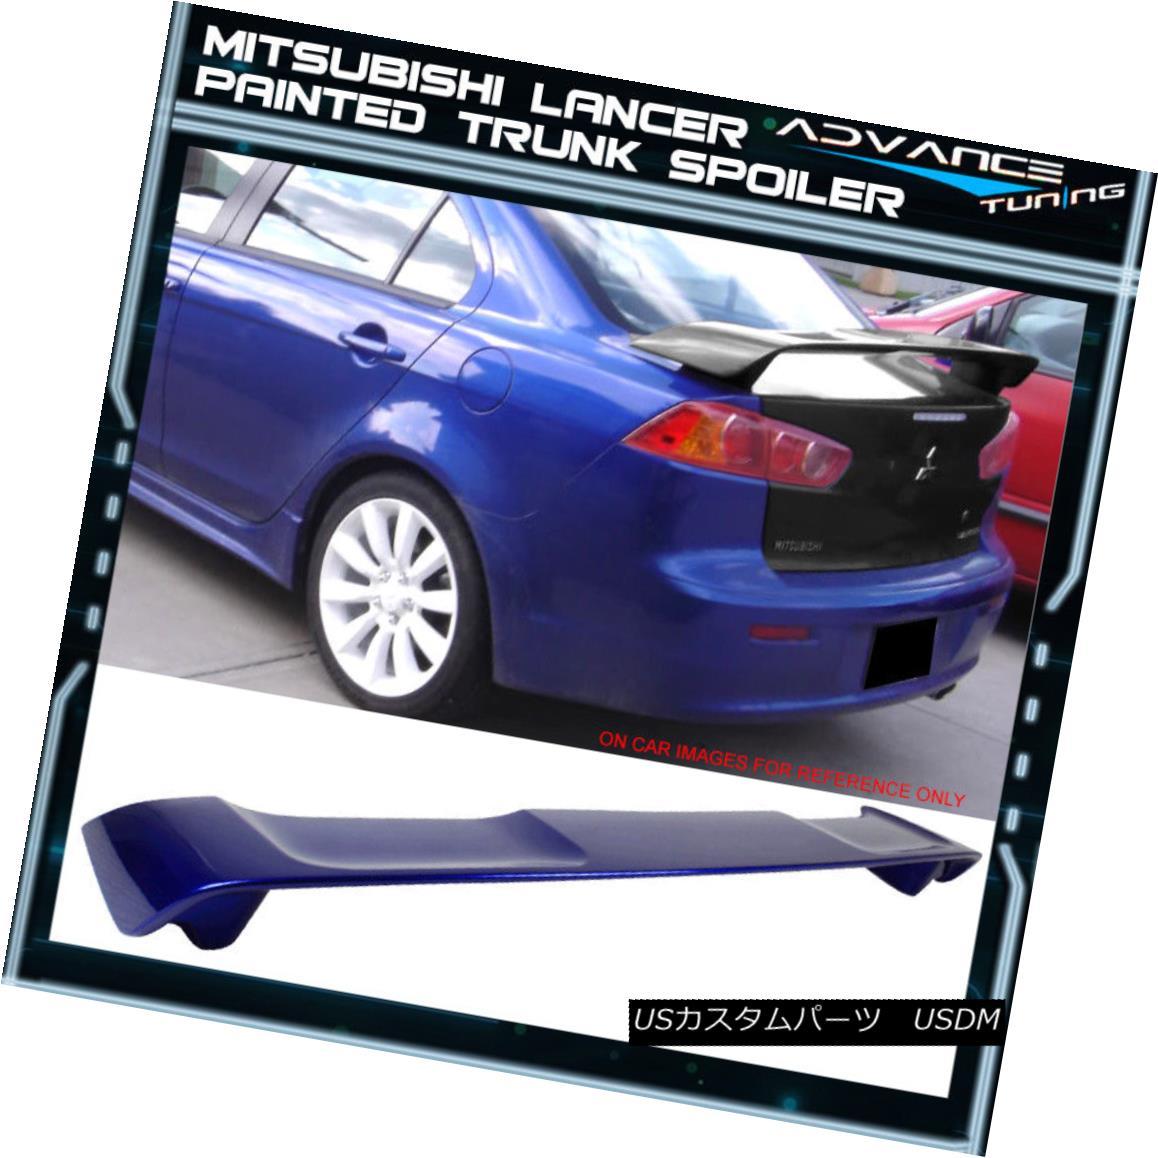 エアロパーツ 08-17 Mitsubishi Lancer Trunk Spoiler OEM Painted Color #T70 Electric Blue Pearl 08-17三菱ランサートランクスポイラーOEM塗装カラー#T70エレクトリックブルーパール